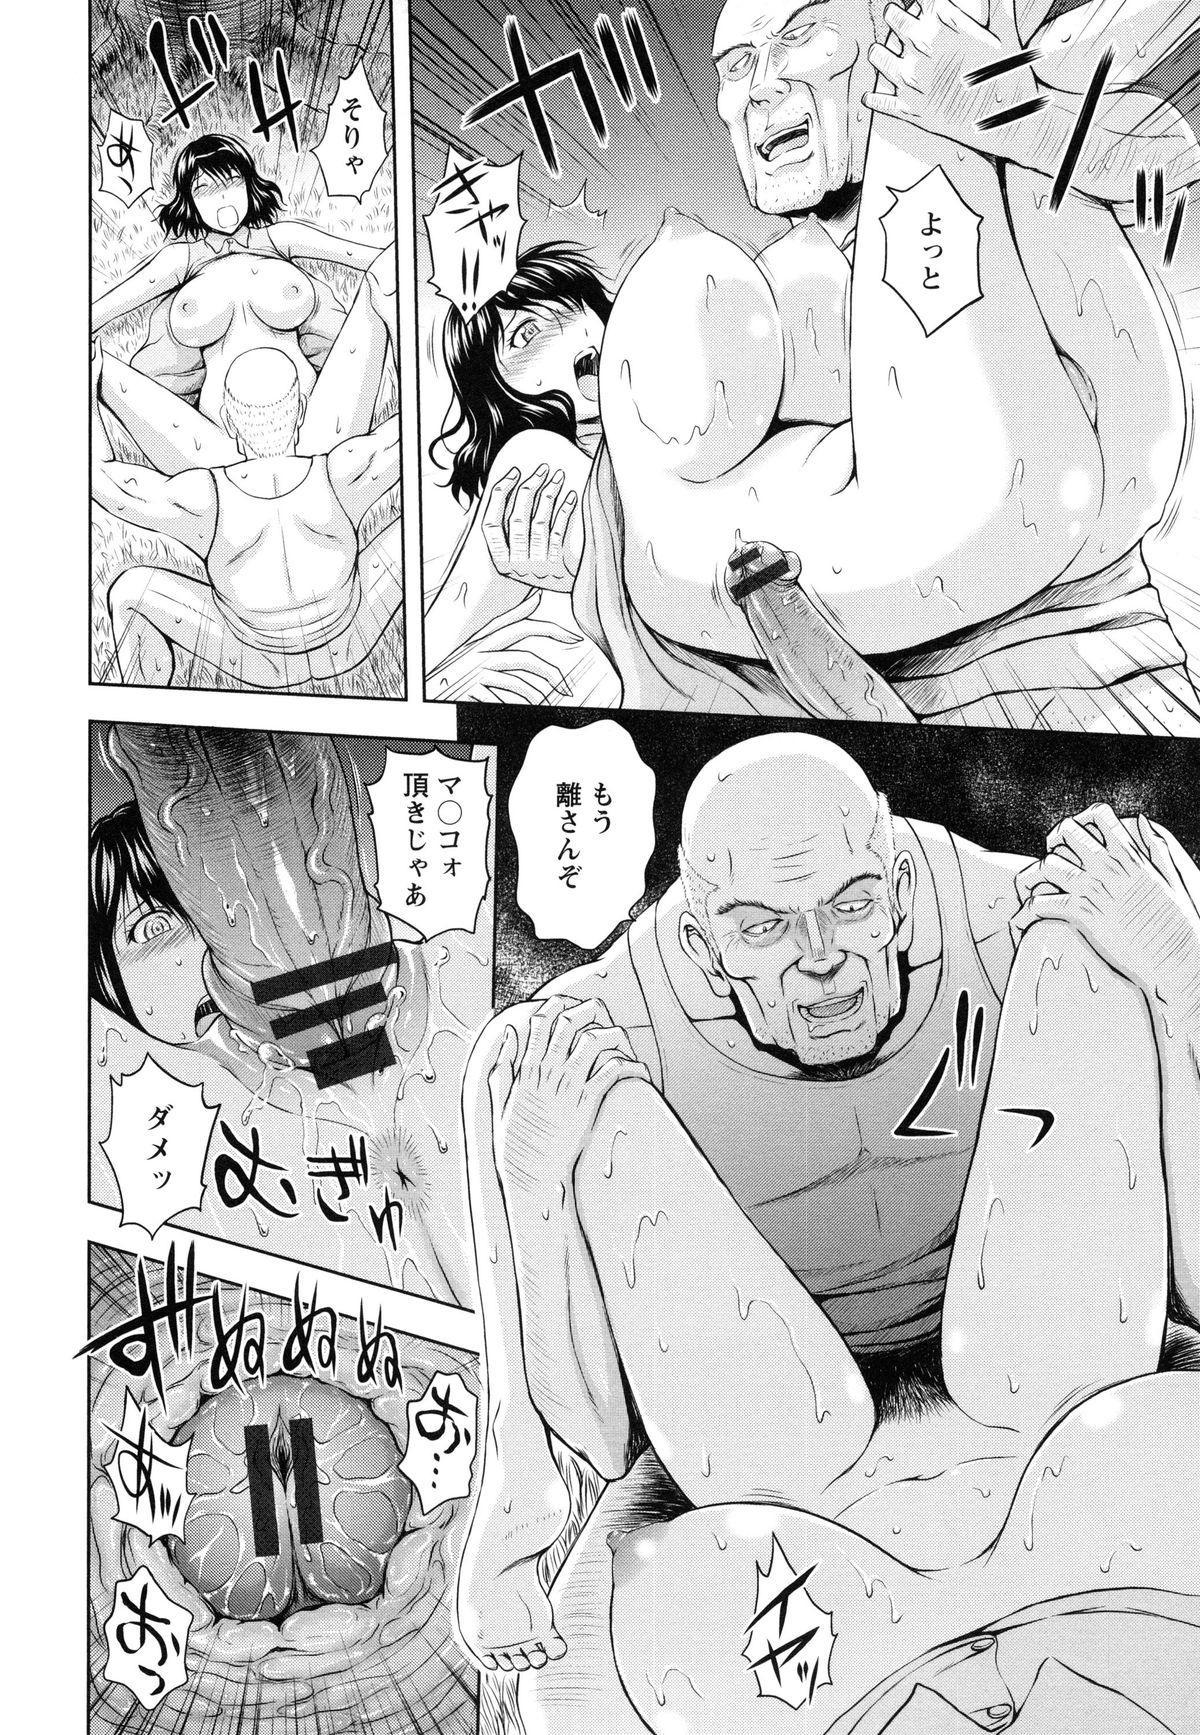 Inbaku no Wakazuma 61